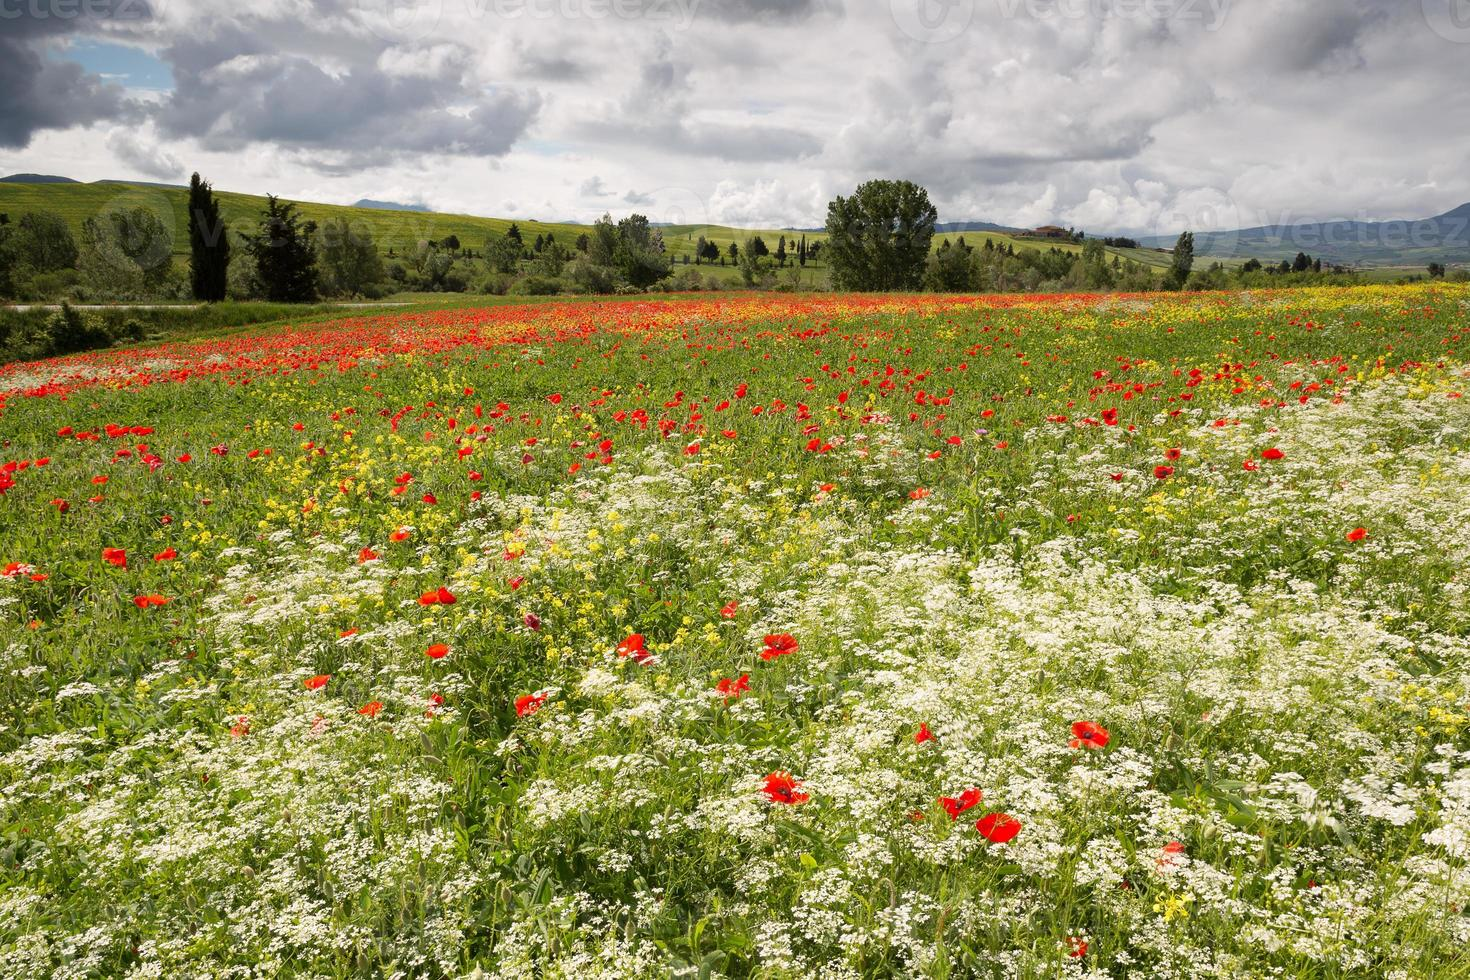 papavers en wilde bloemen in Toscane foto